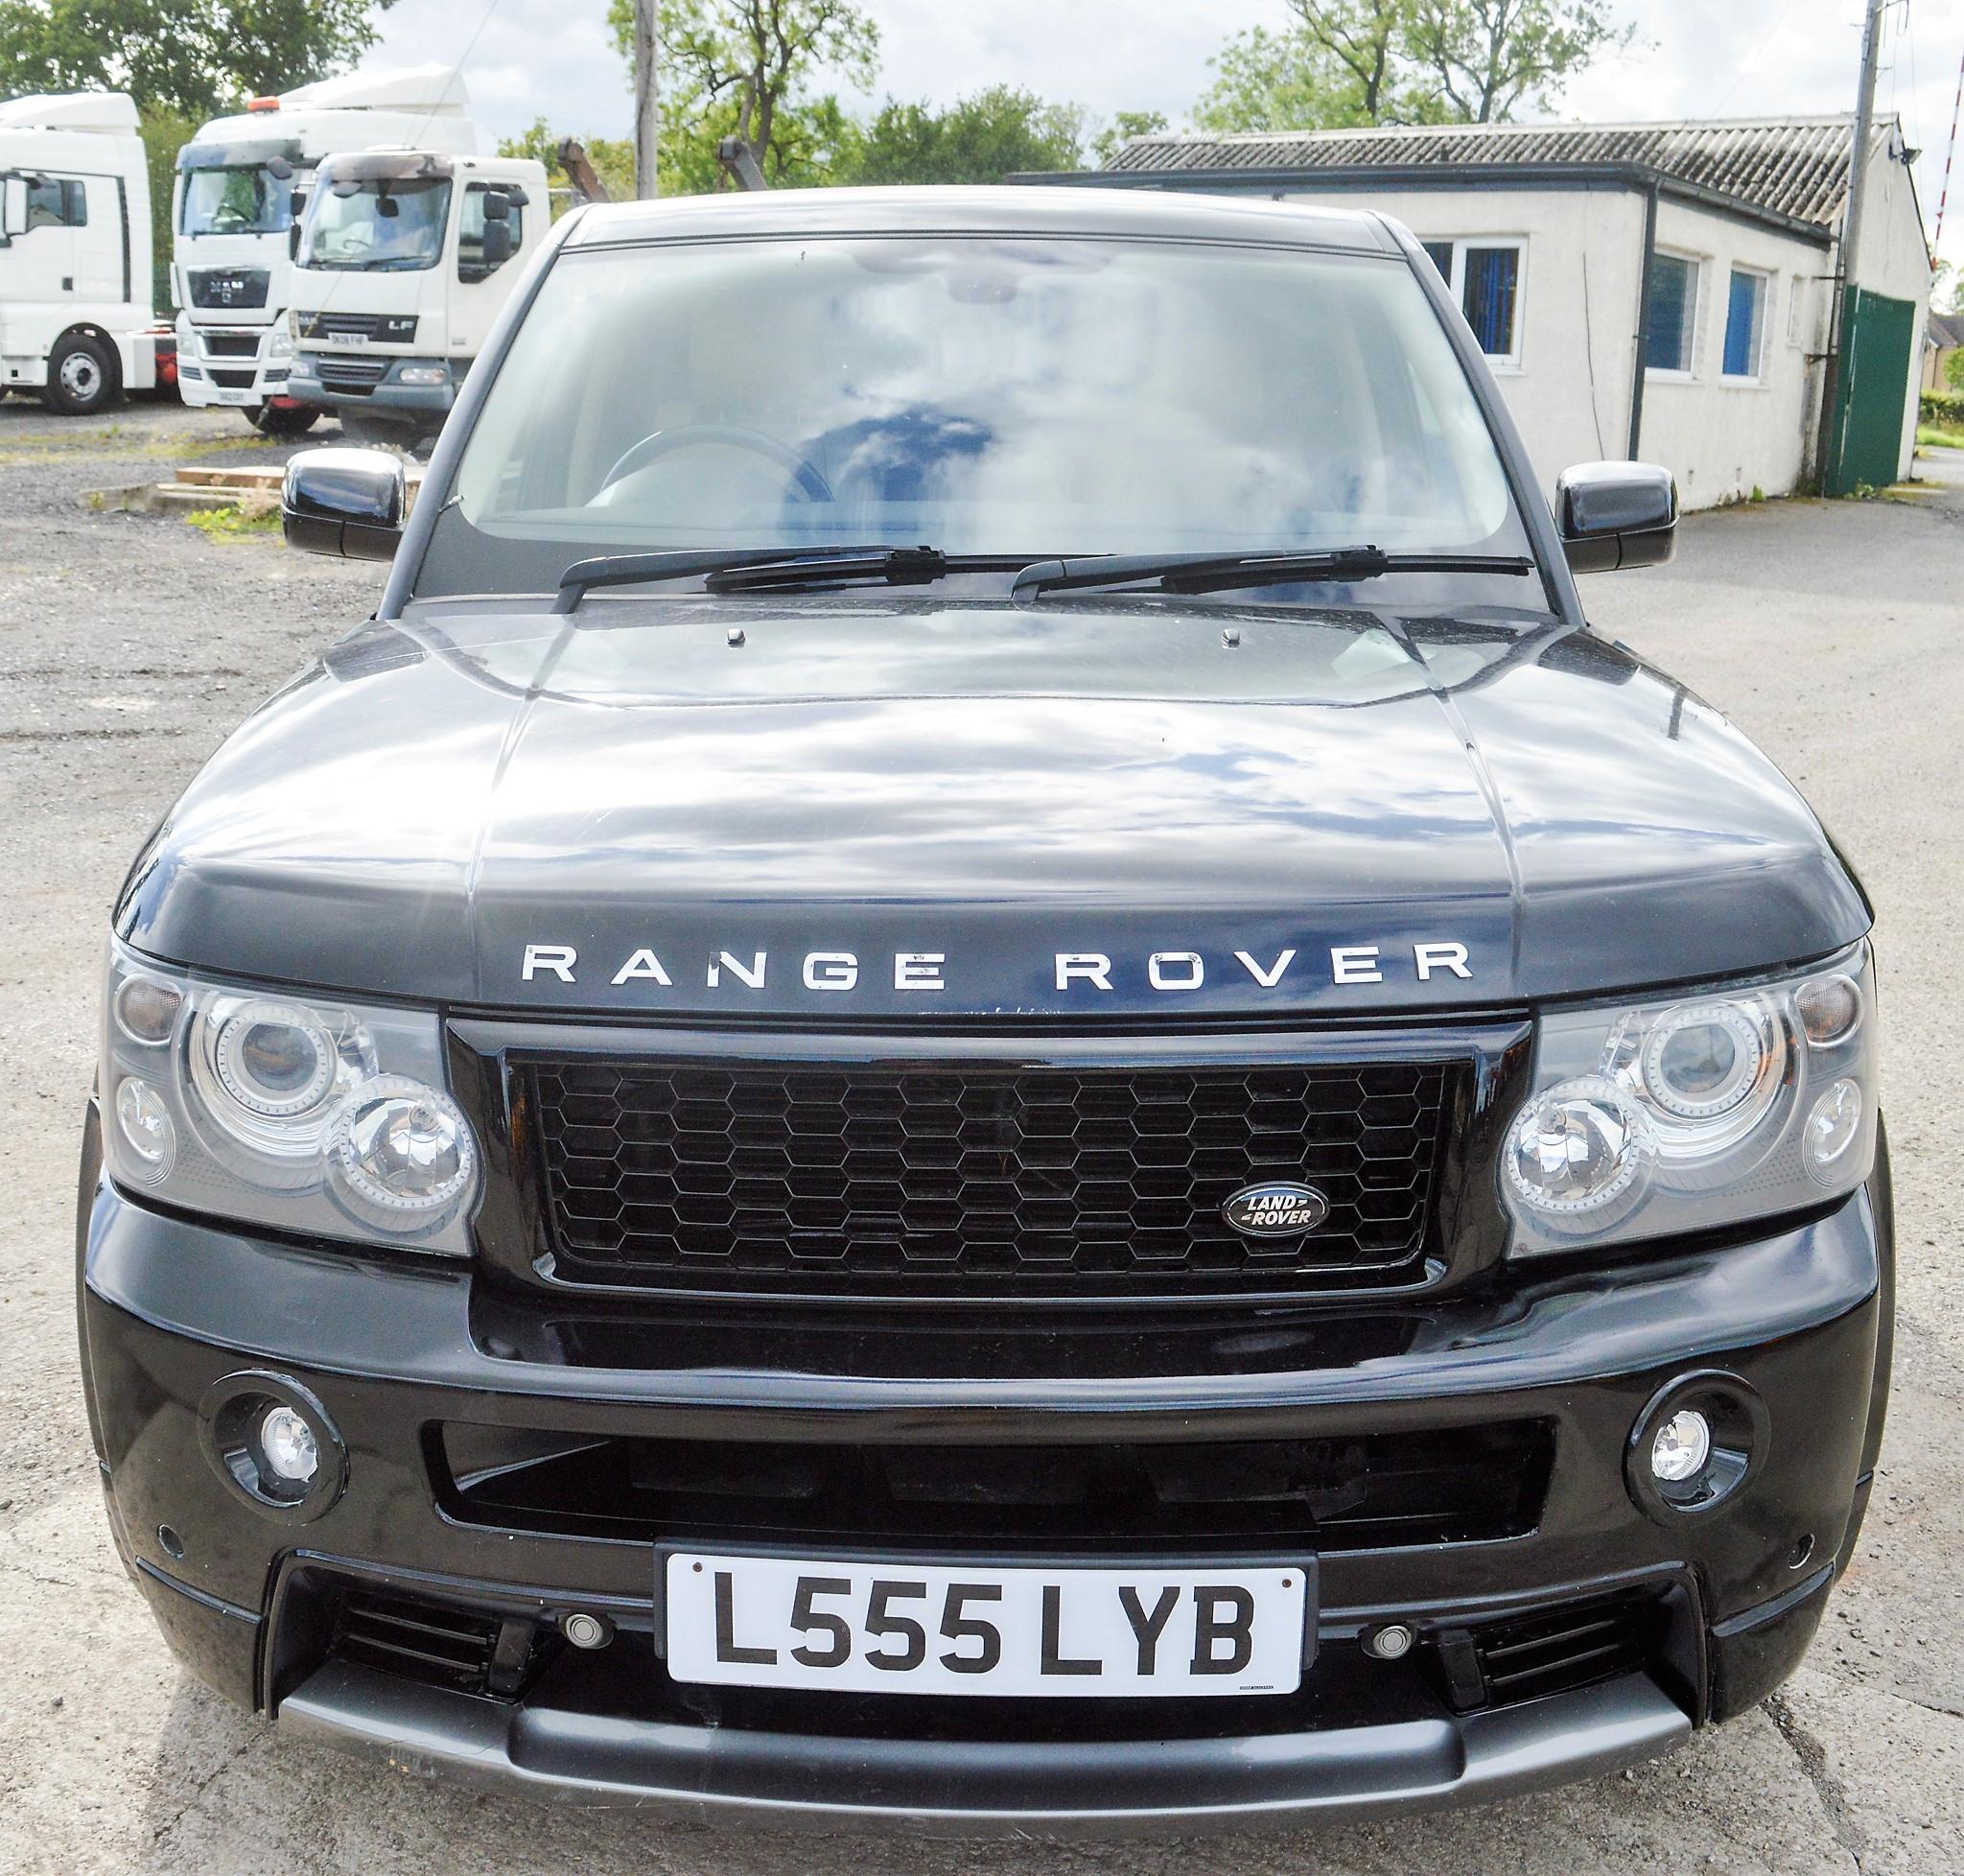 Range Rover Sport HSE TDV6 Estate Car Registration Number